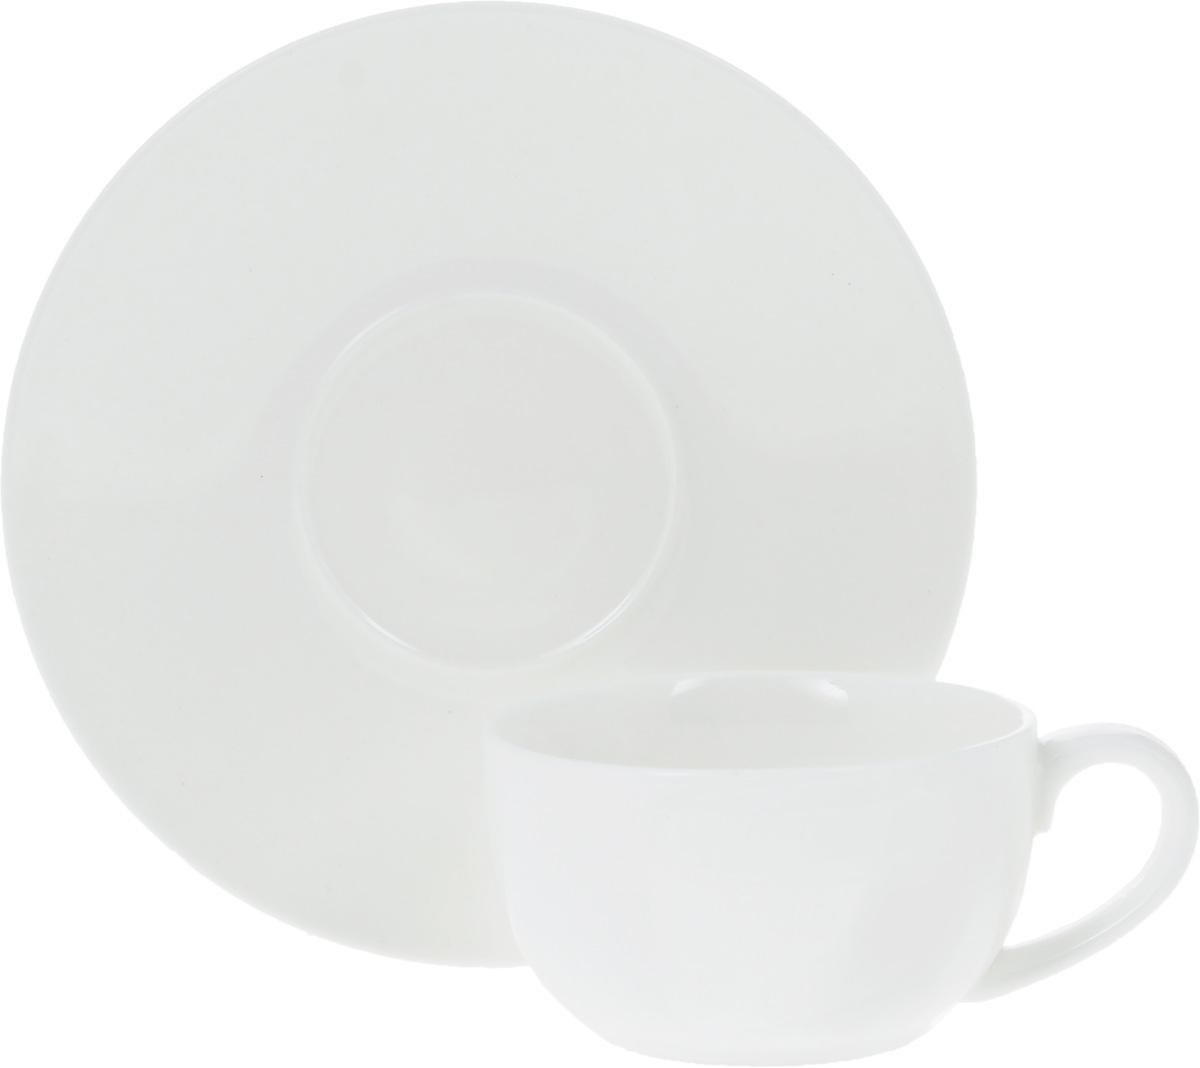 Фото - Чайная пара Wilmax, 2 предмета [супермаркет] jingdong геб scybe фил приблизительно круглая чашка установлена в вертикальном положении стеклянной чашки 290мла 6 z